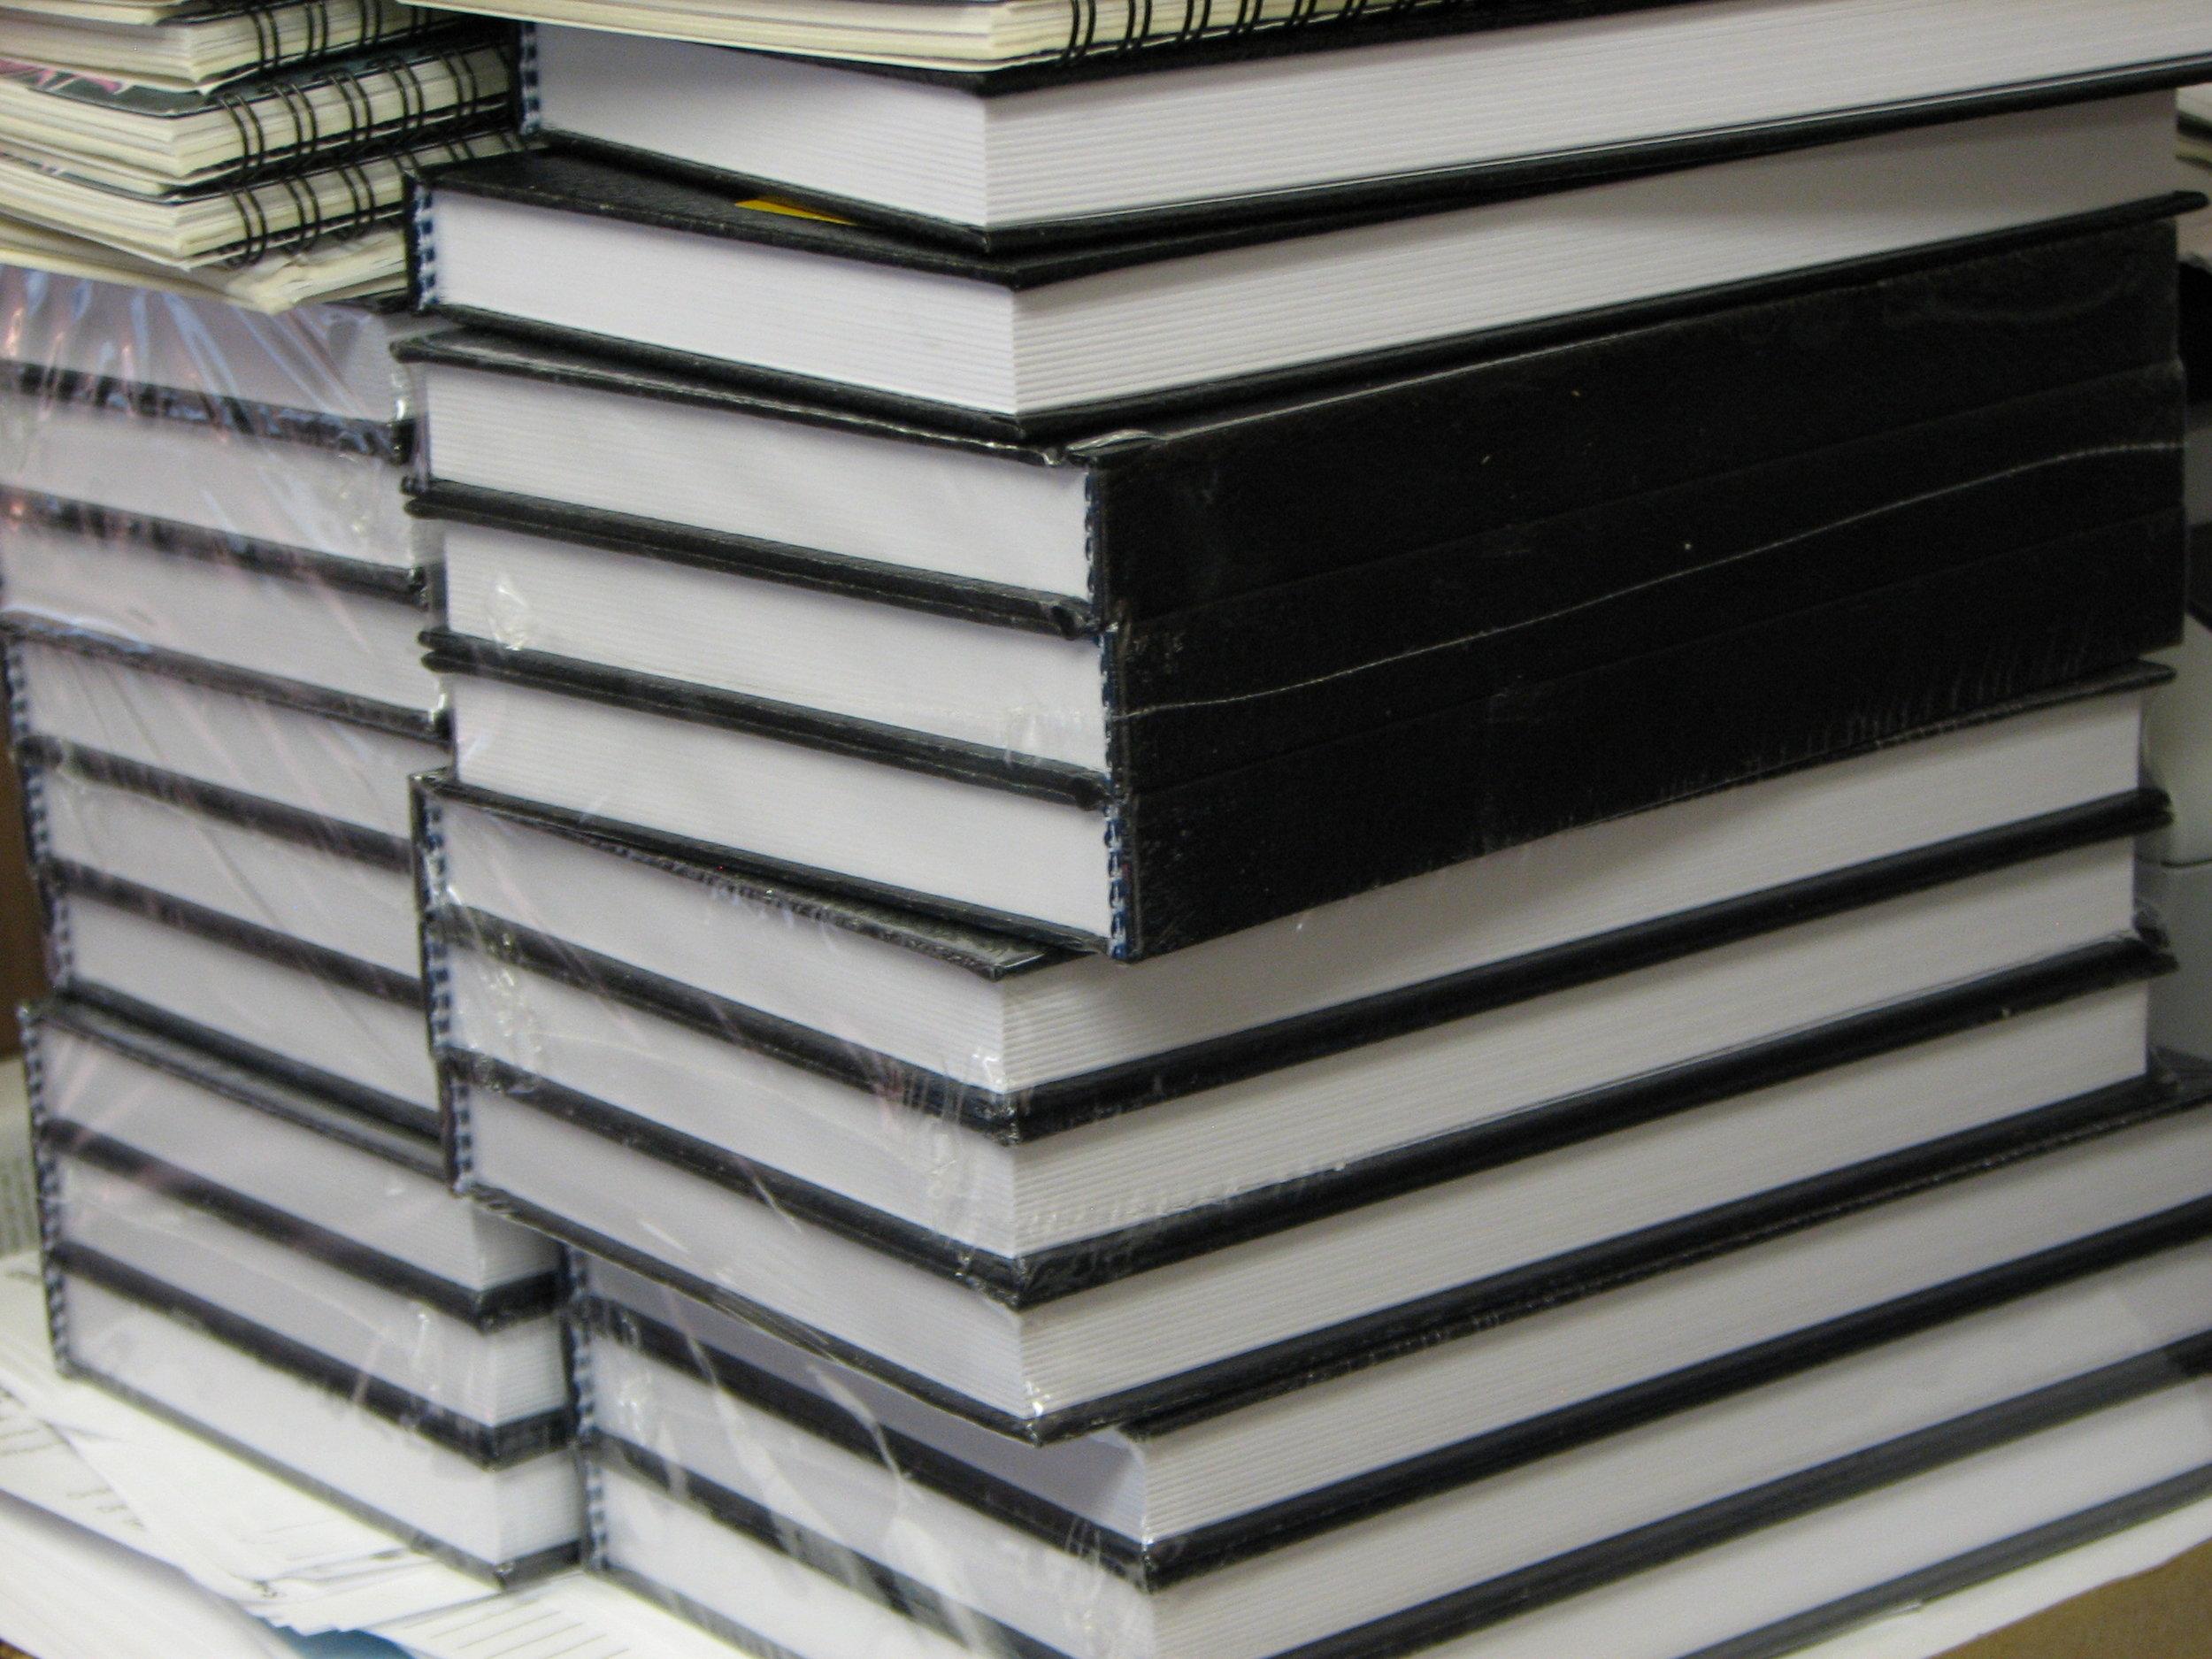 Hard cover sketchbooks and Hard cover spiral bound sketchbooks